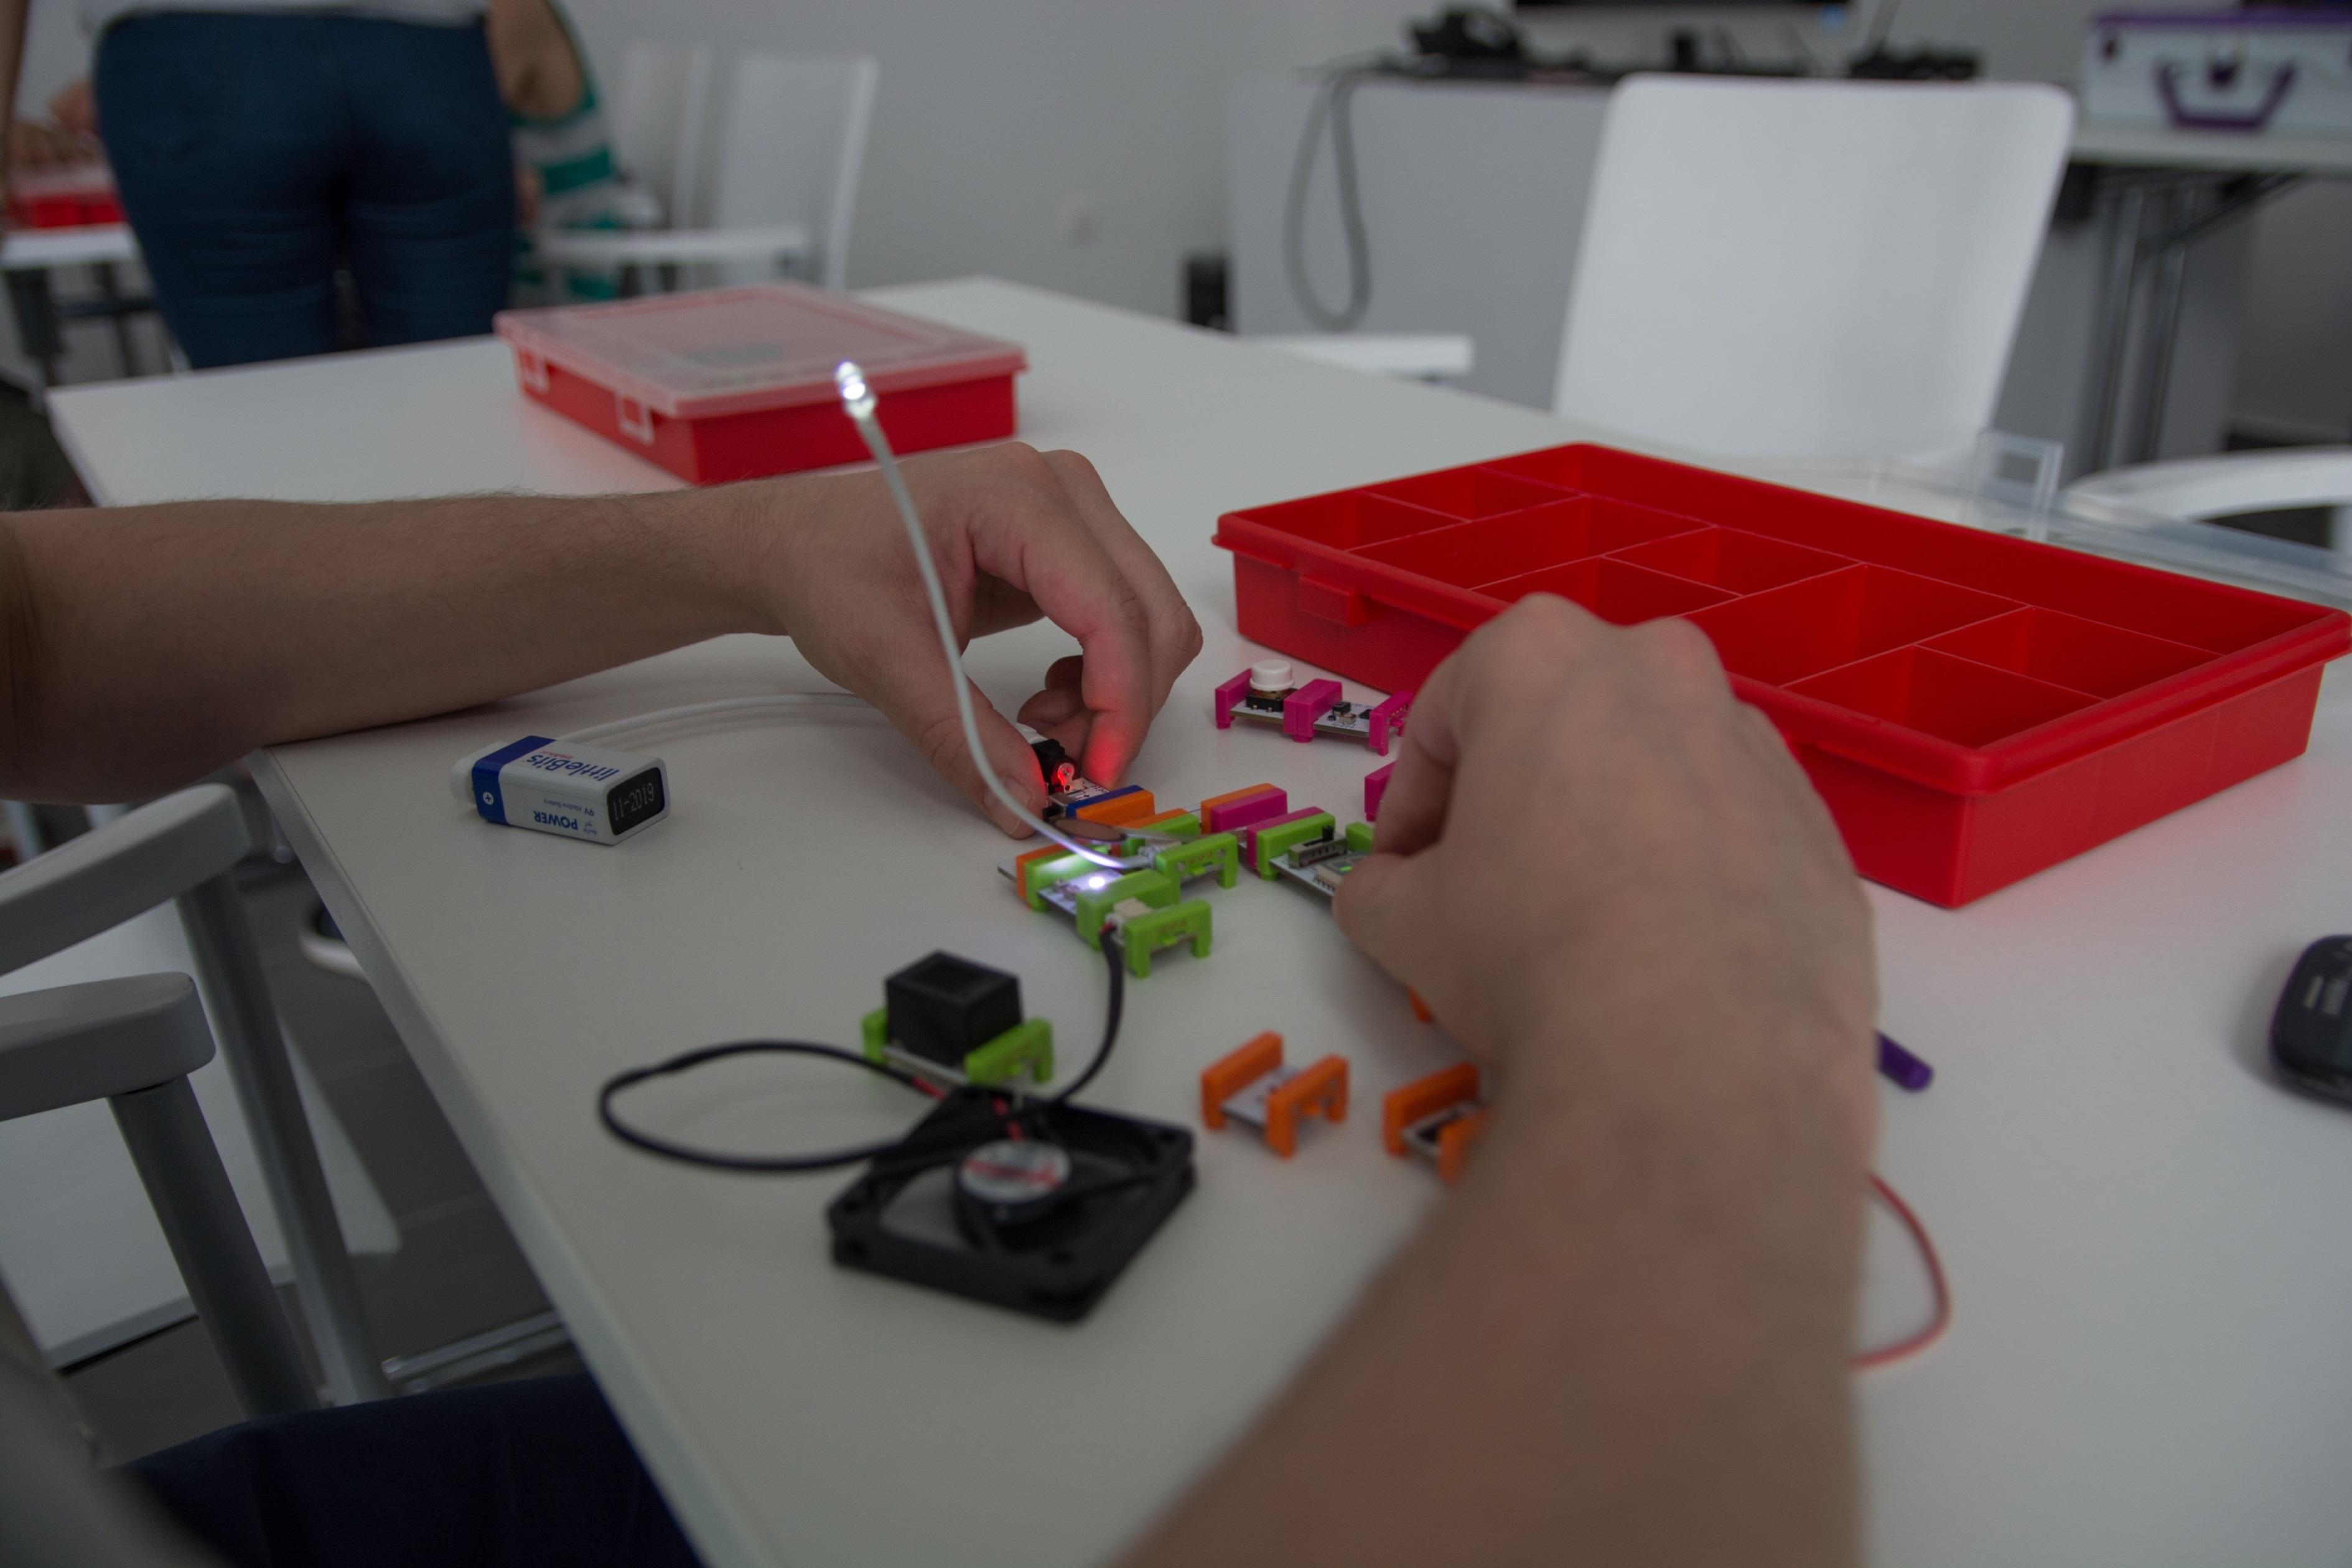 Kísérletek során szereznek tapasztalatot a debreceni Agóra LittleBits-szakkörén a gyerekek, forrás: Debreceni Agóra